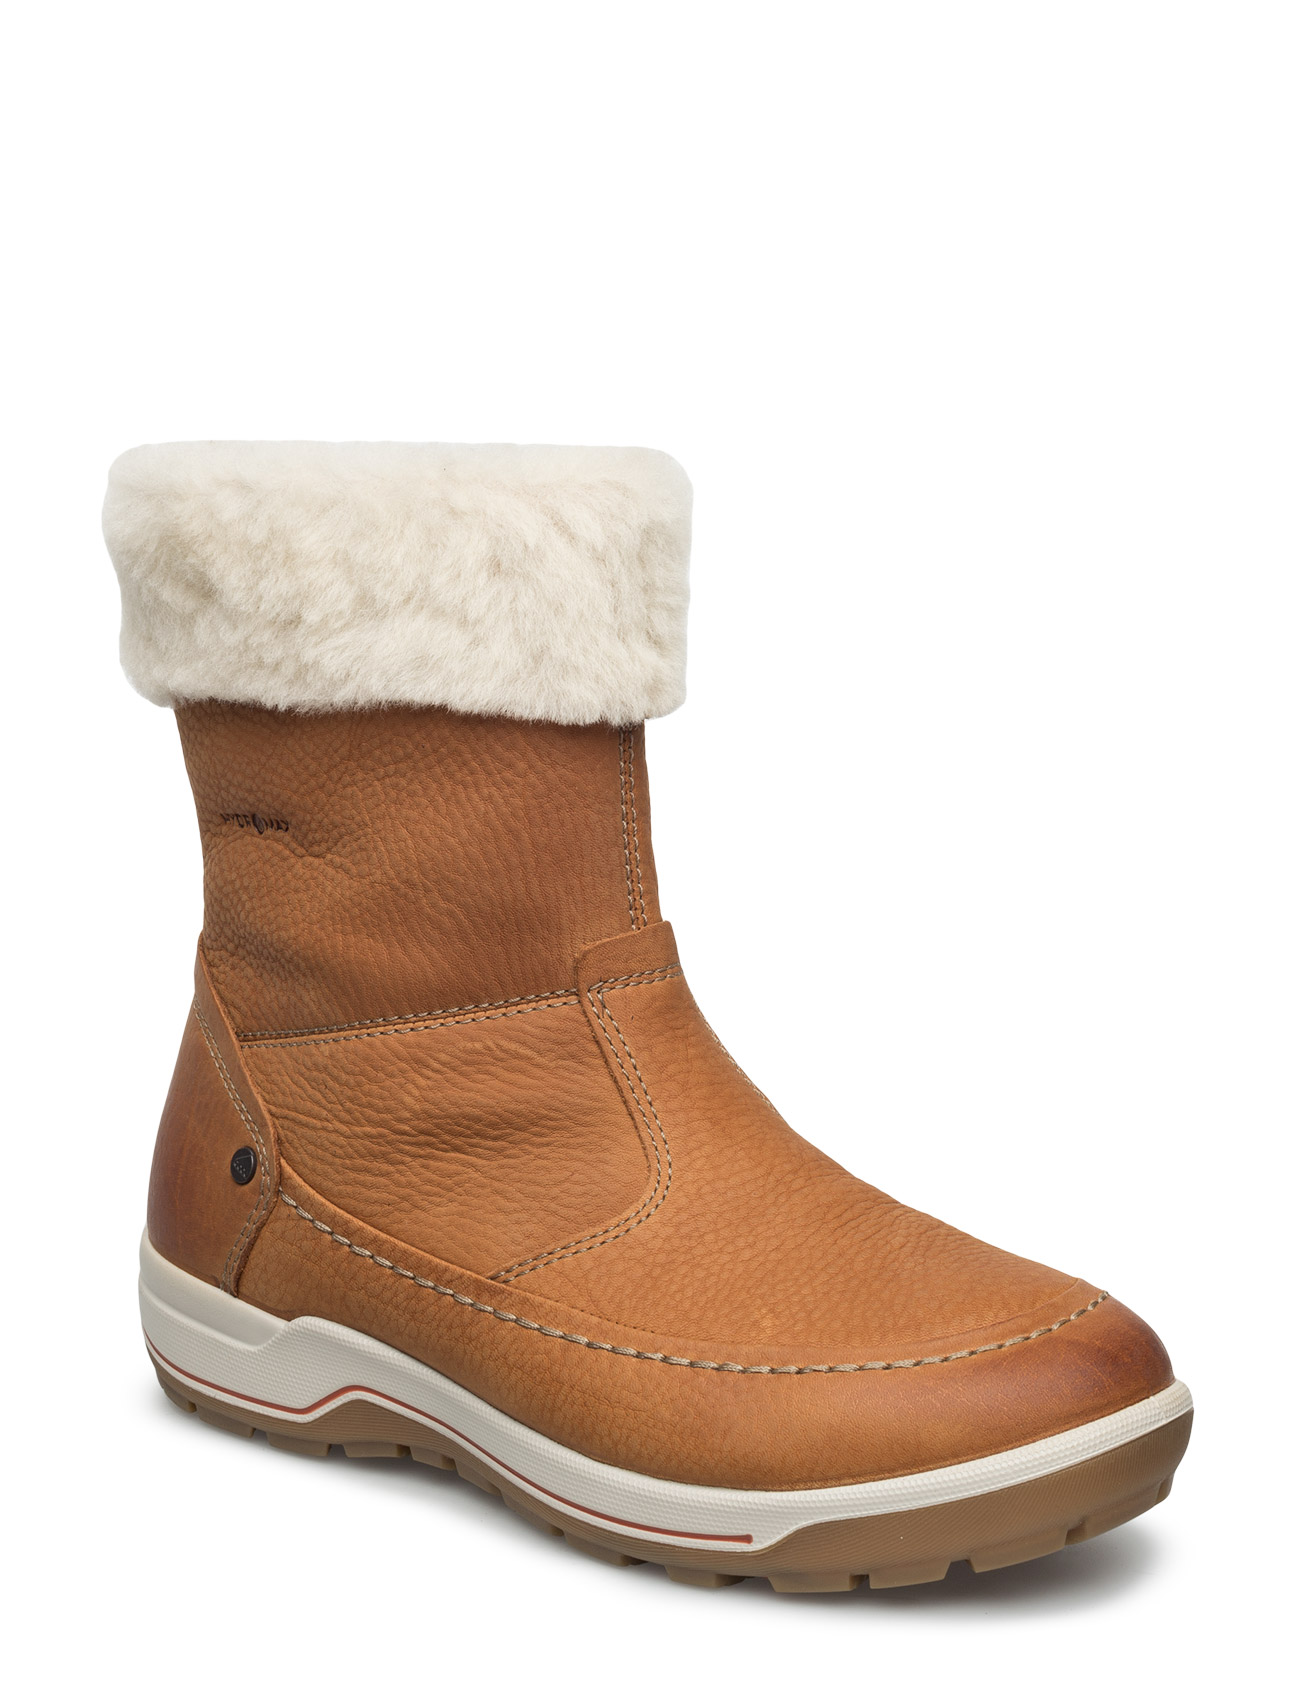 Women Boots ecco TRACE LITE Winter boots ambersand,ecco